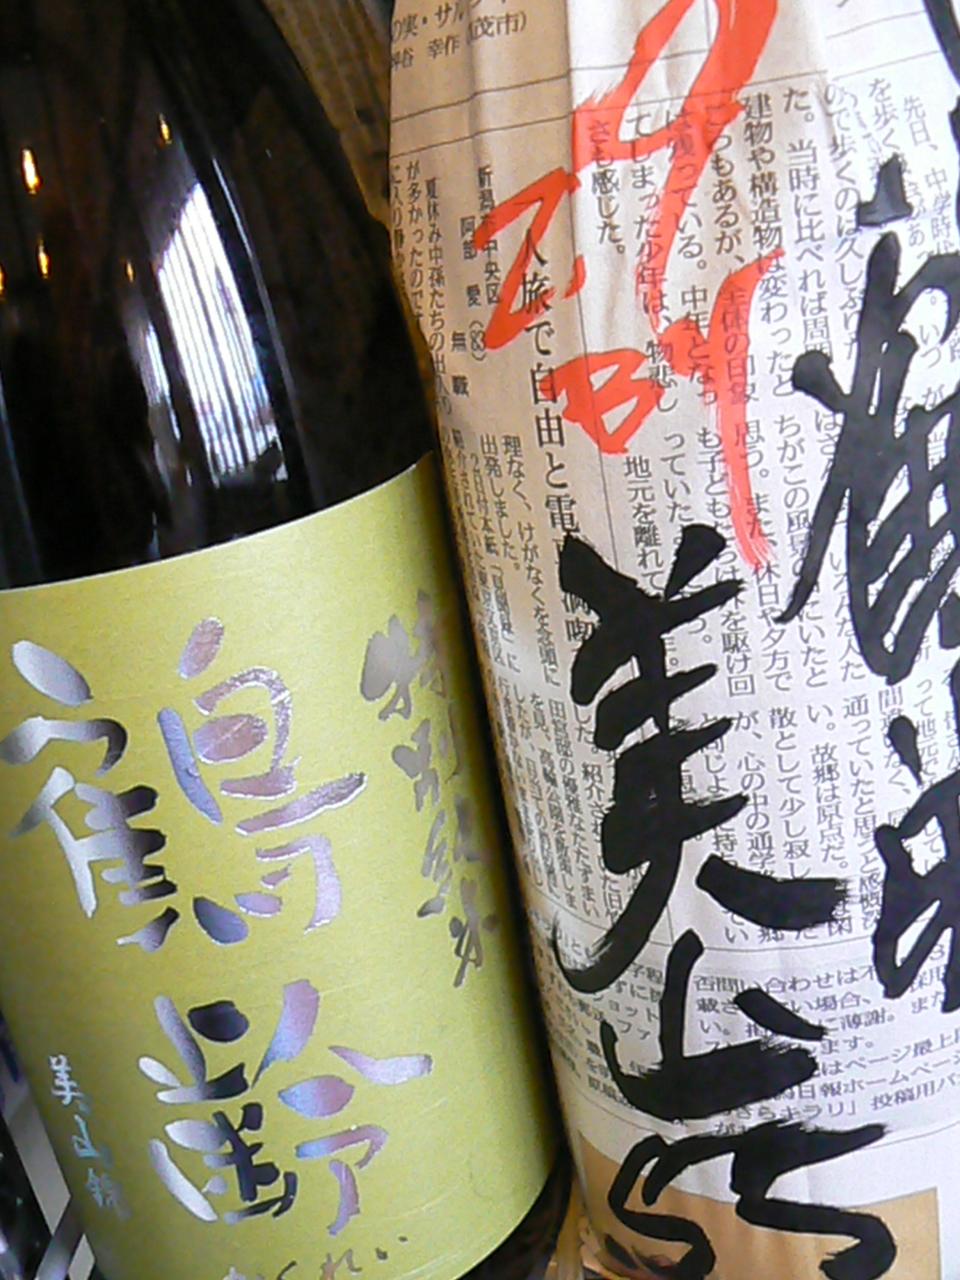 2017.11.鶴齢美山55新酒